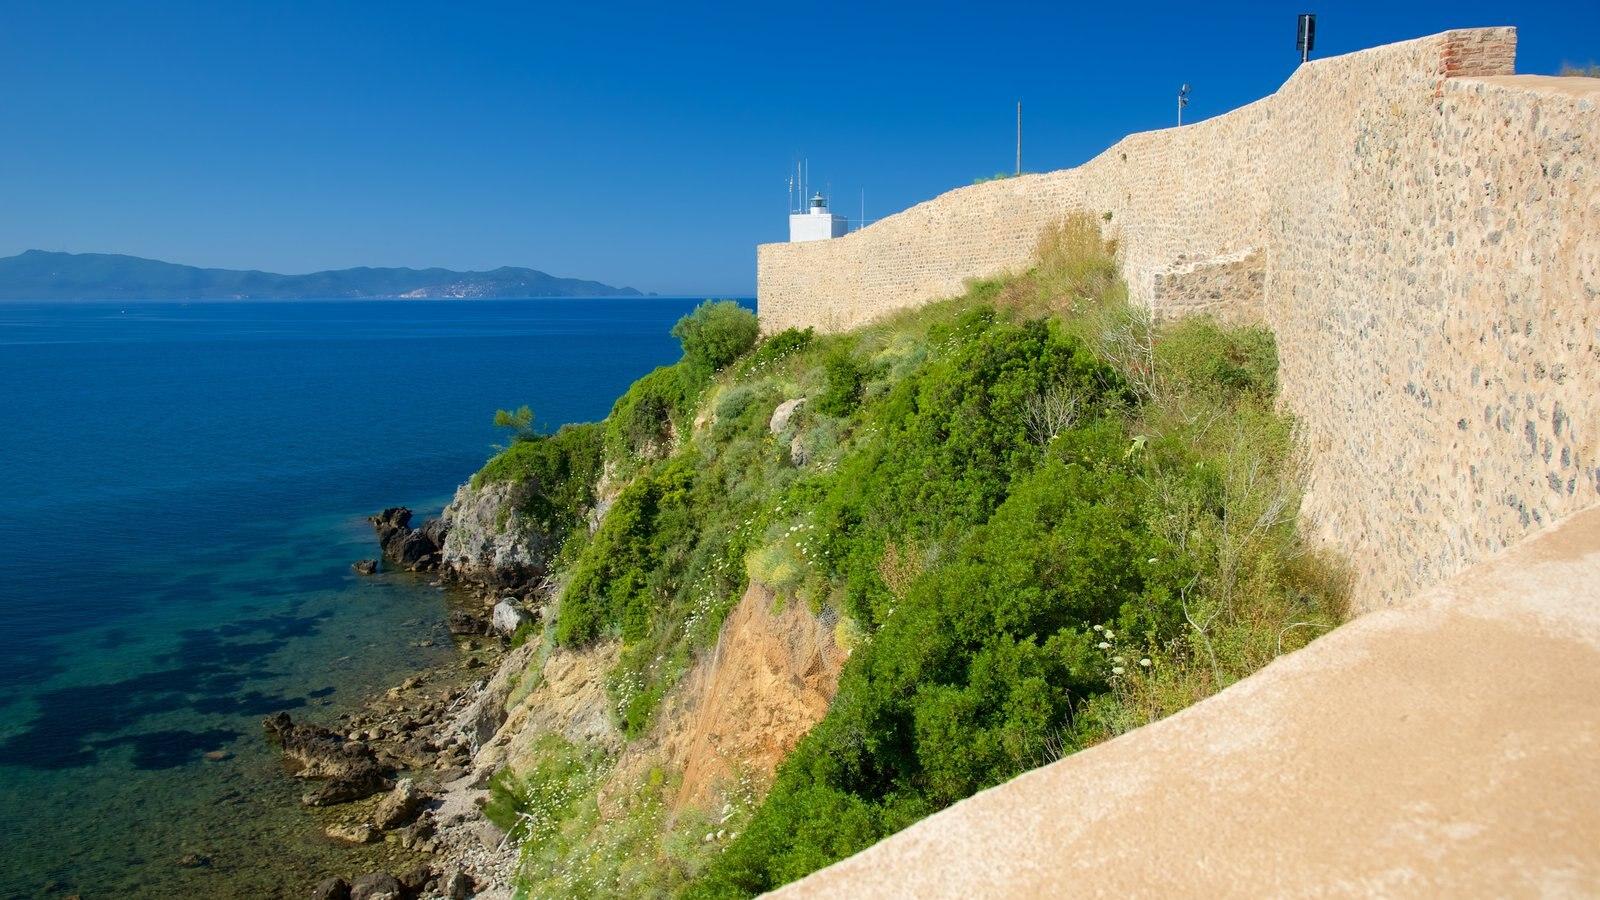 Talamone que inclui uma cidade litorânea e um castelo